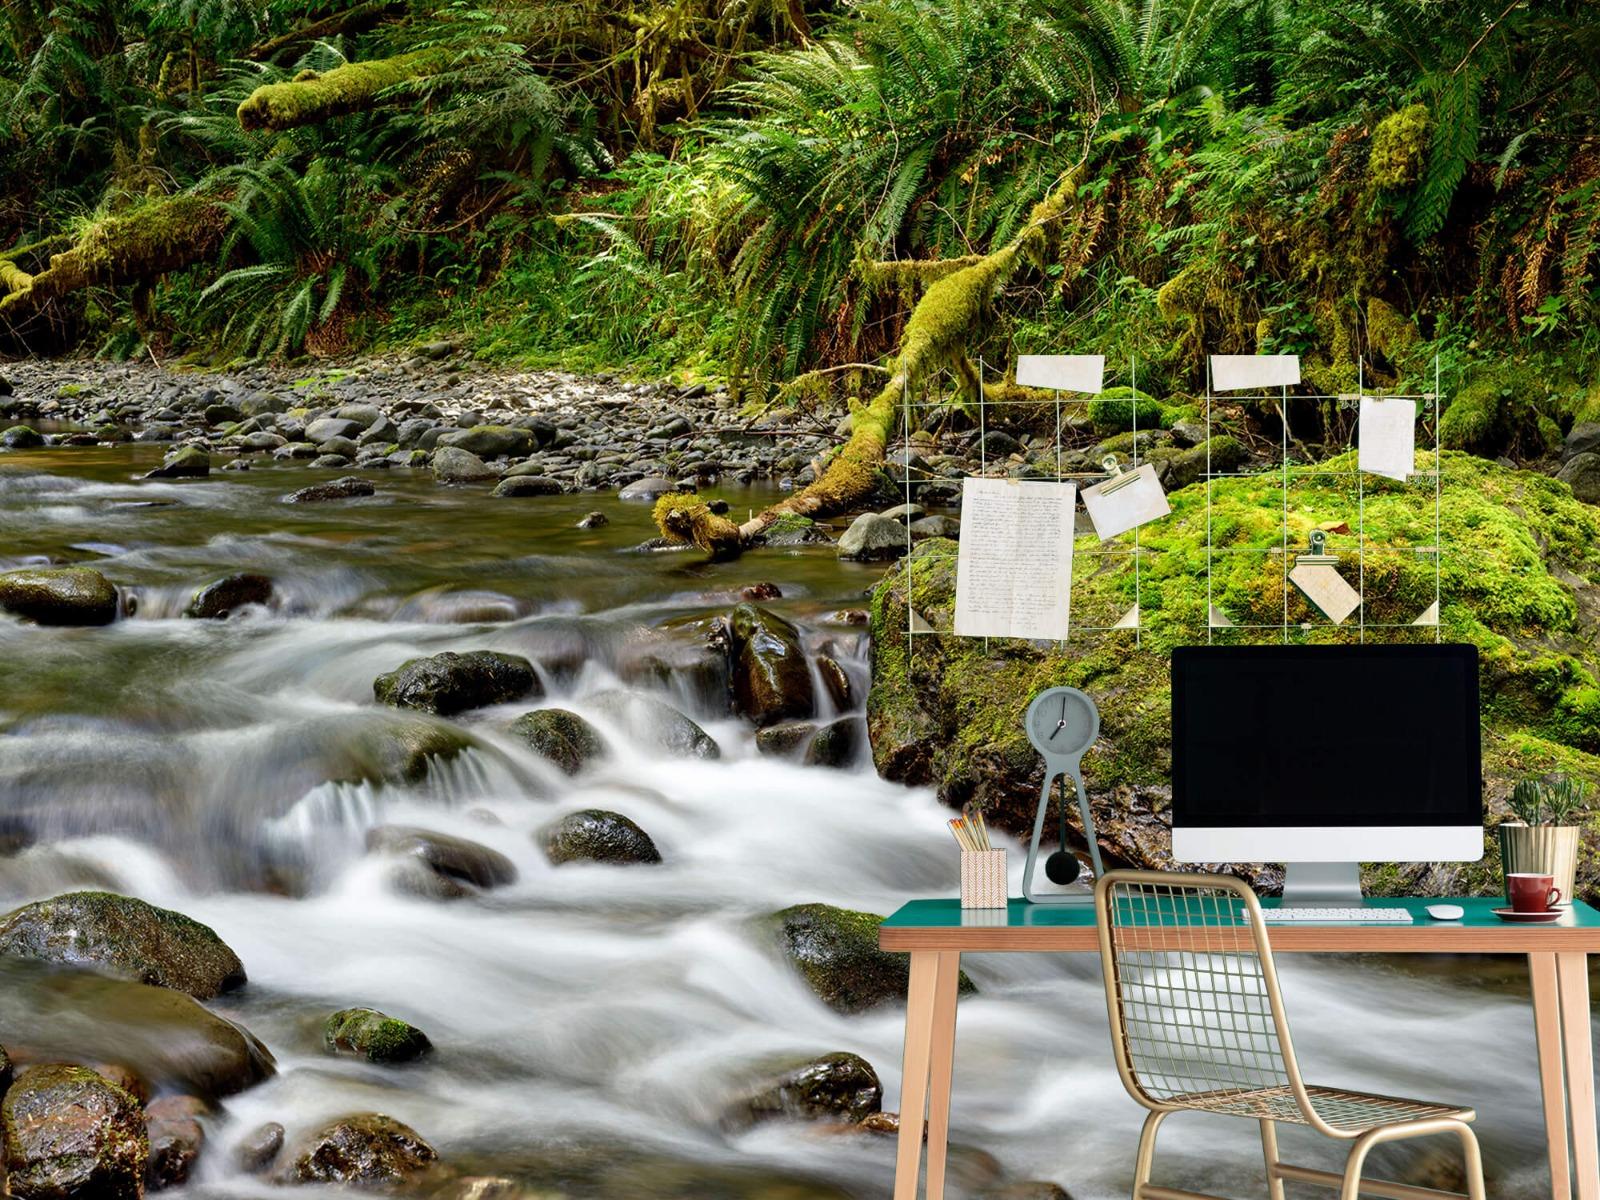 Meertjes en Wateren - Groen rotsblok met riviertje - Wallexclusive - Slaapkamer 8